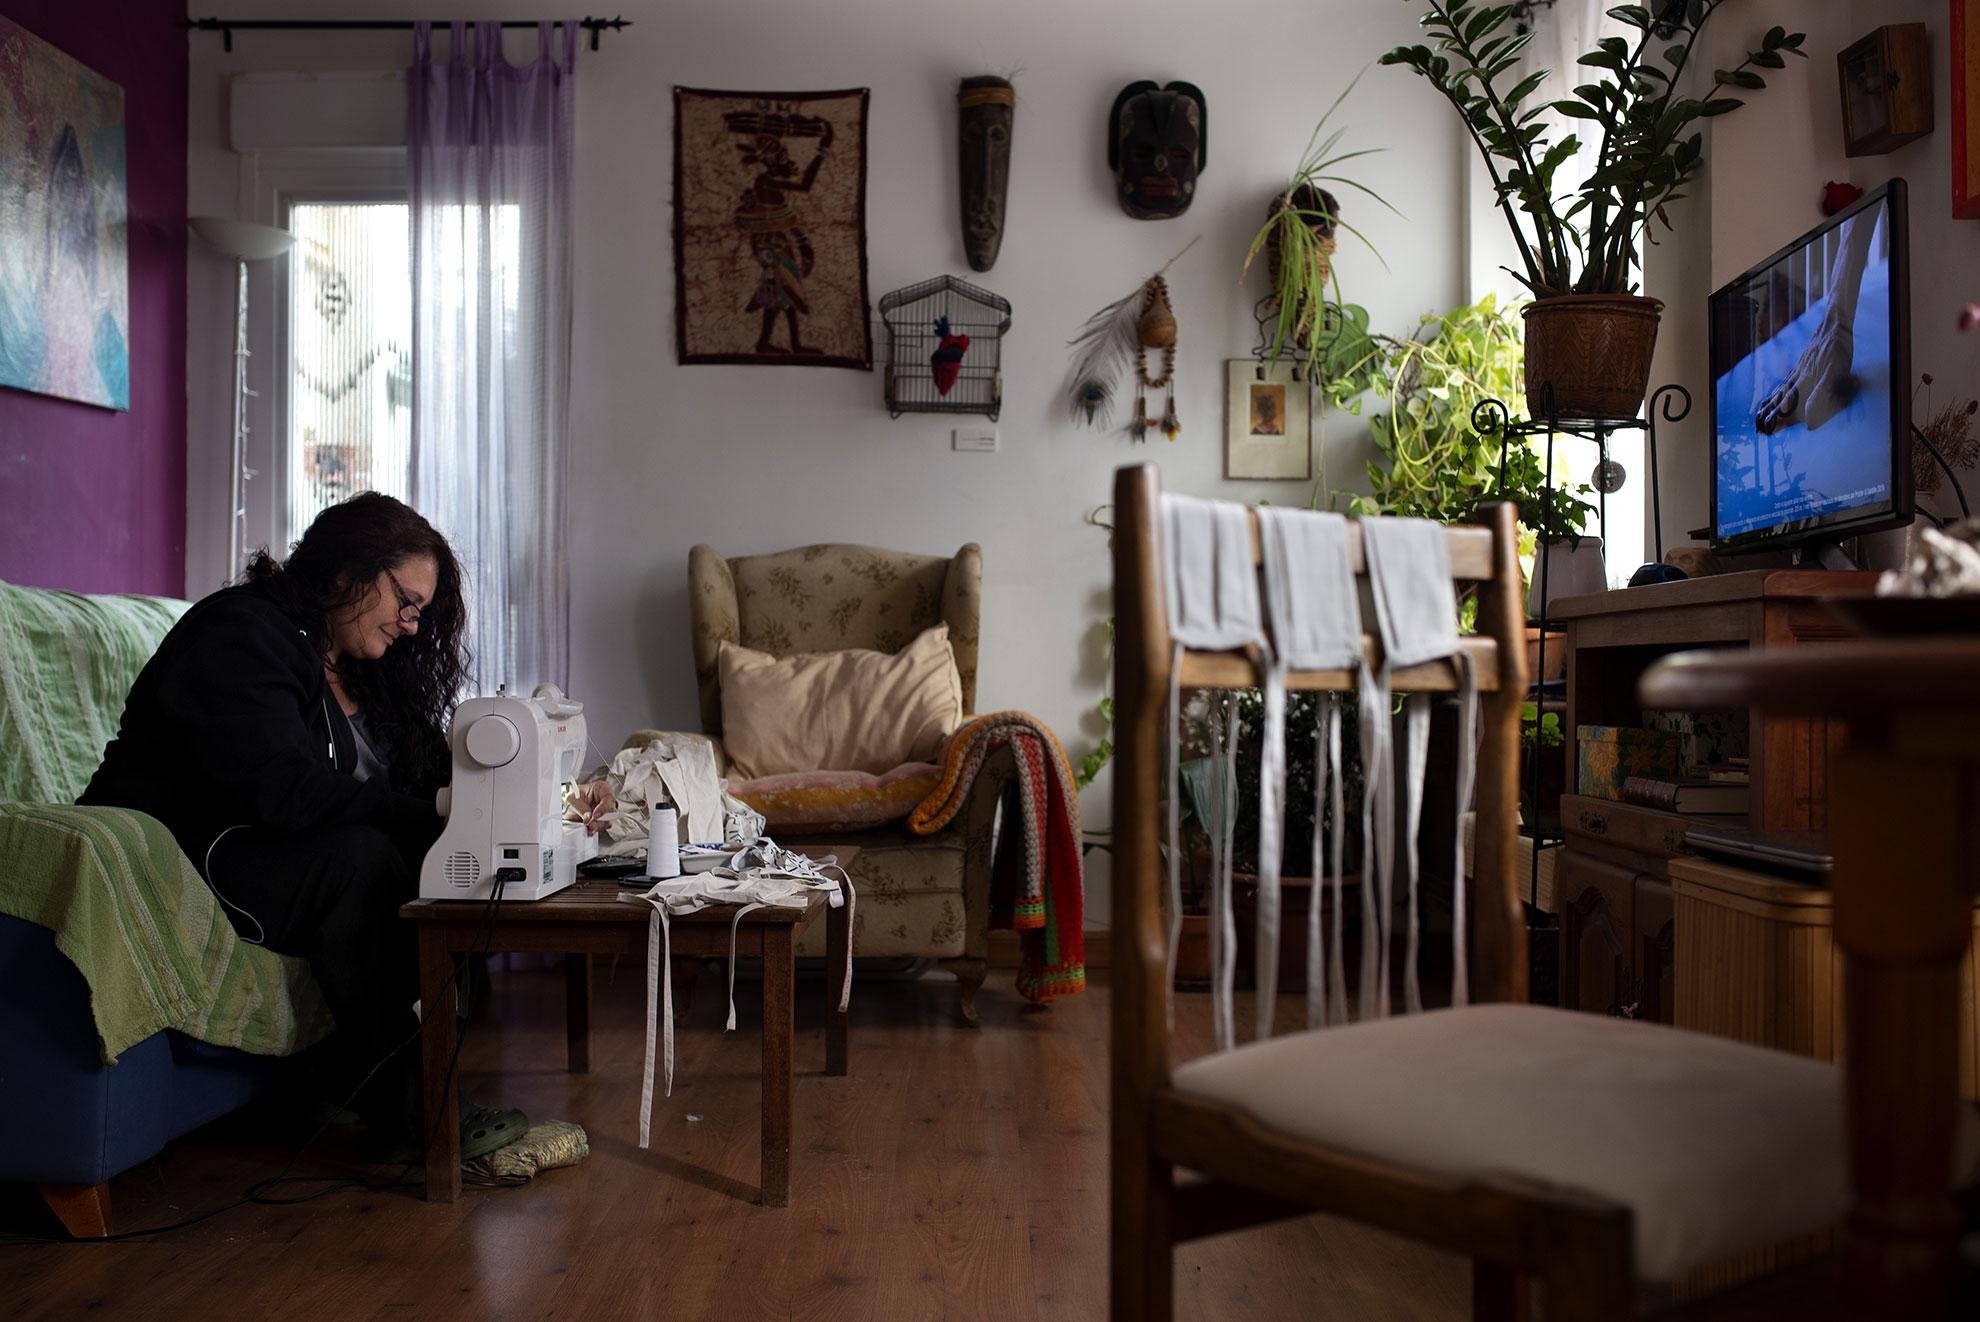 Charo aprovecha el confinamiento en casa para coser mascarillas de tela. El Gobierno de Aragón ha habilitado un local en la plaza del Pilar para recoger las mascarillas artesanales y las repartirá a los trabajadores no sanitarios que las necesiten.